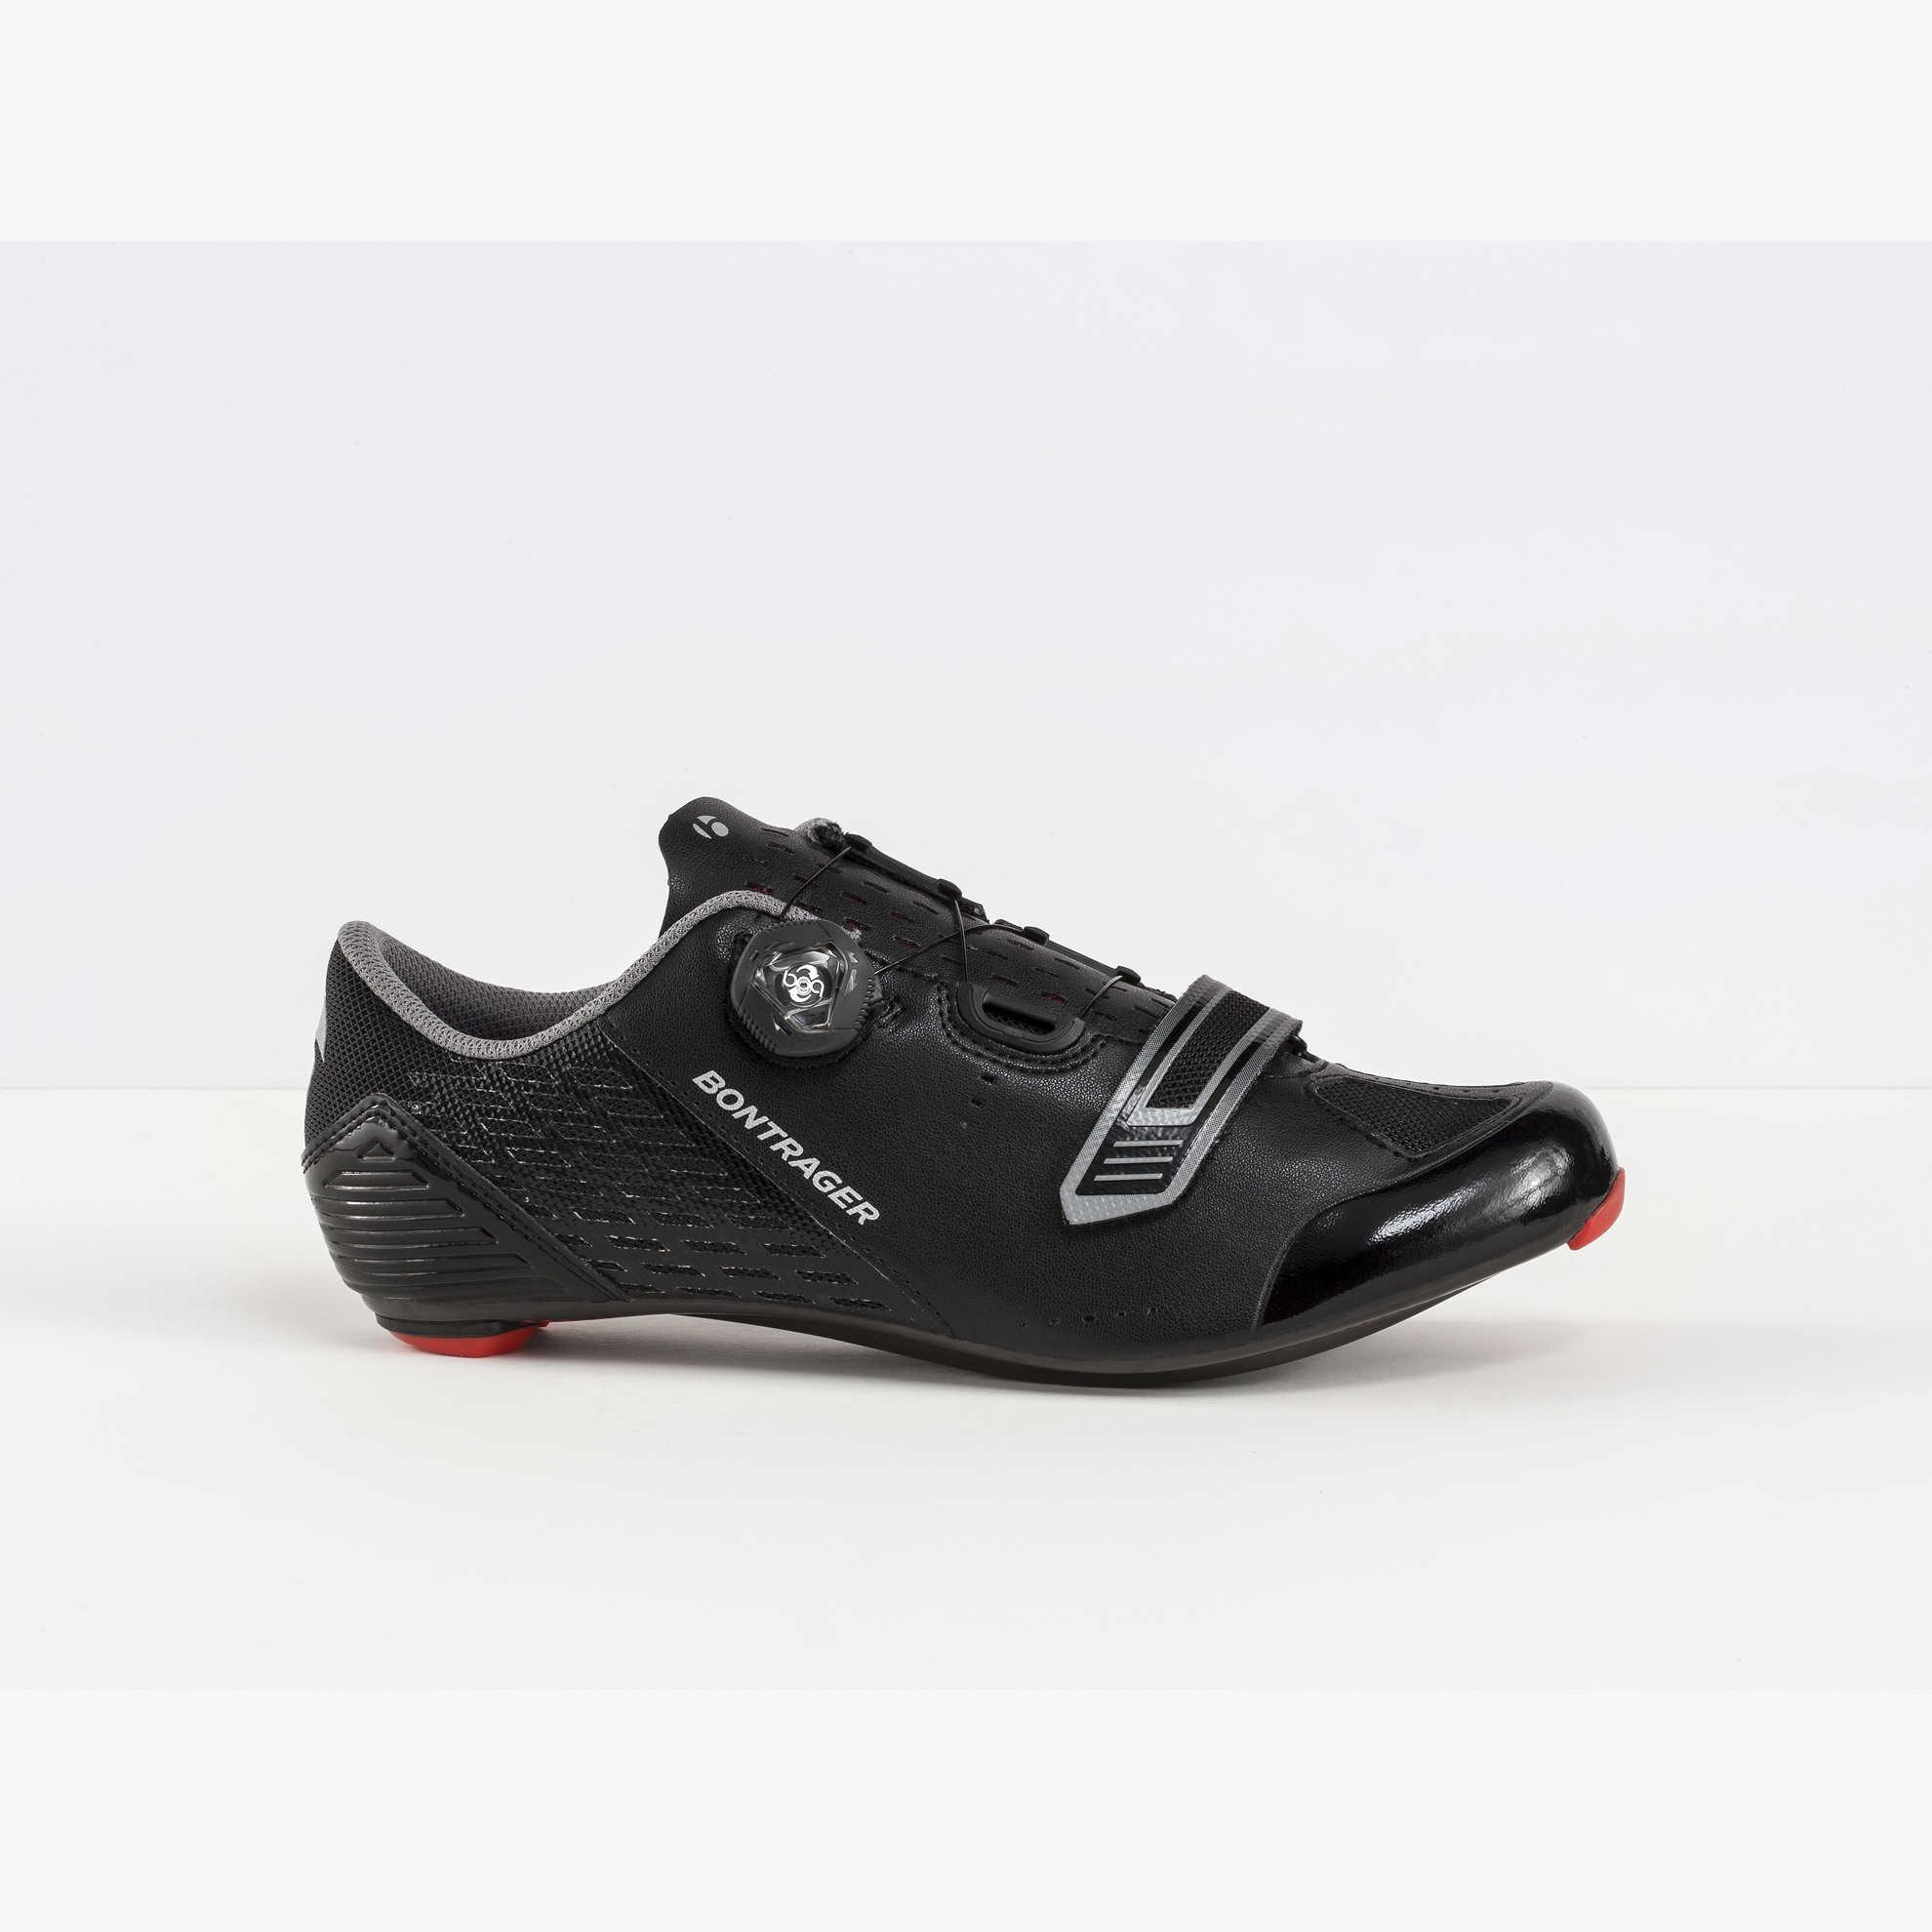 Bontrager Velocis Shoe Sale